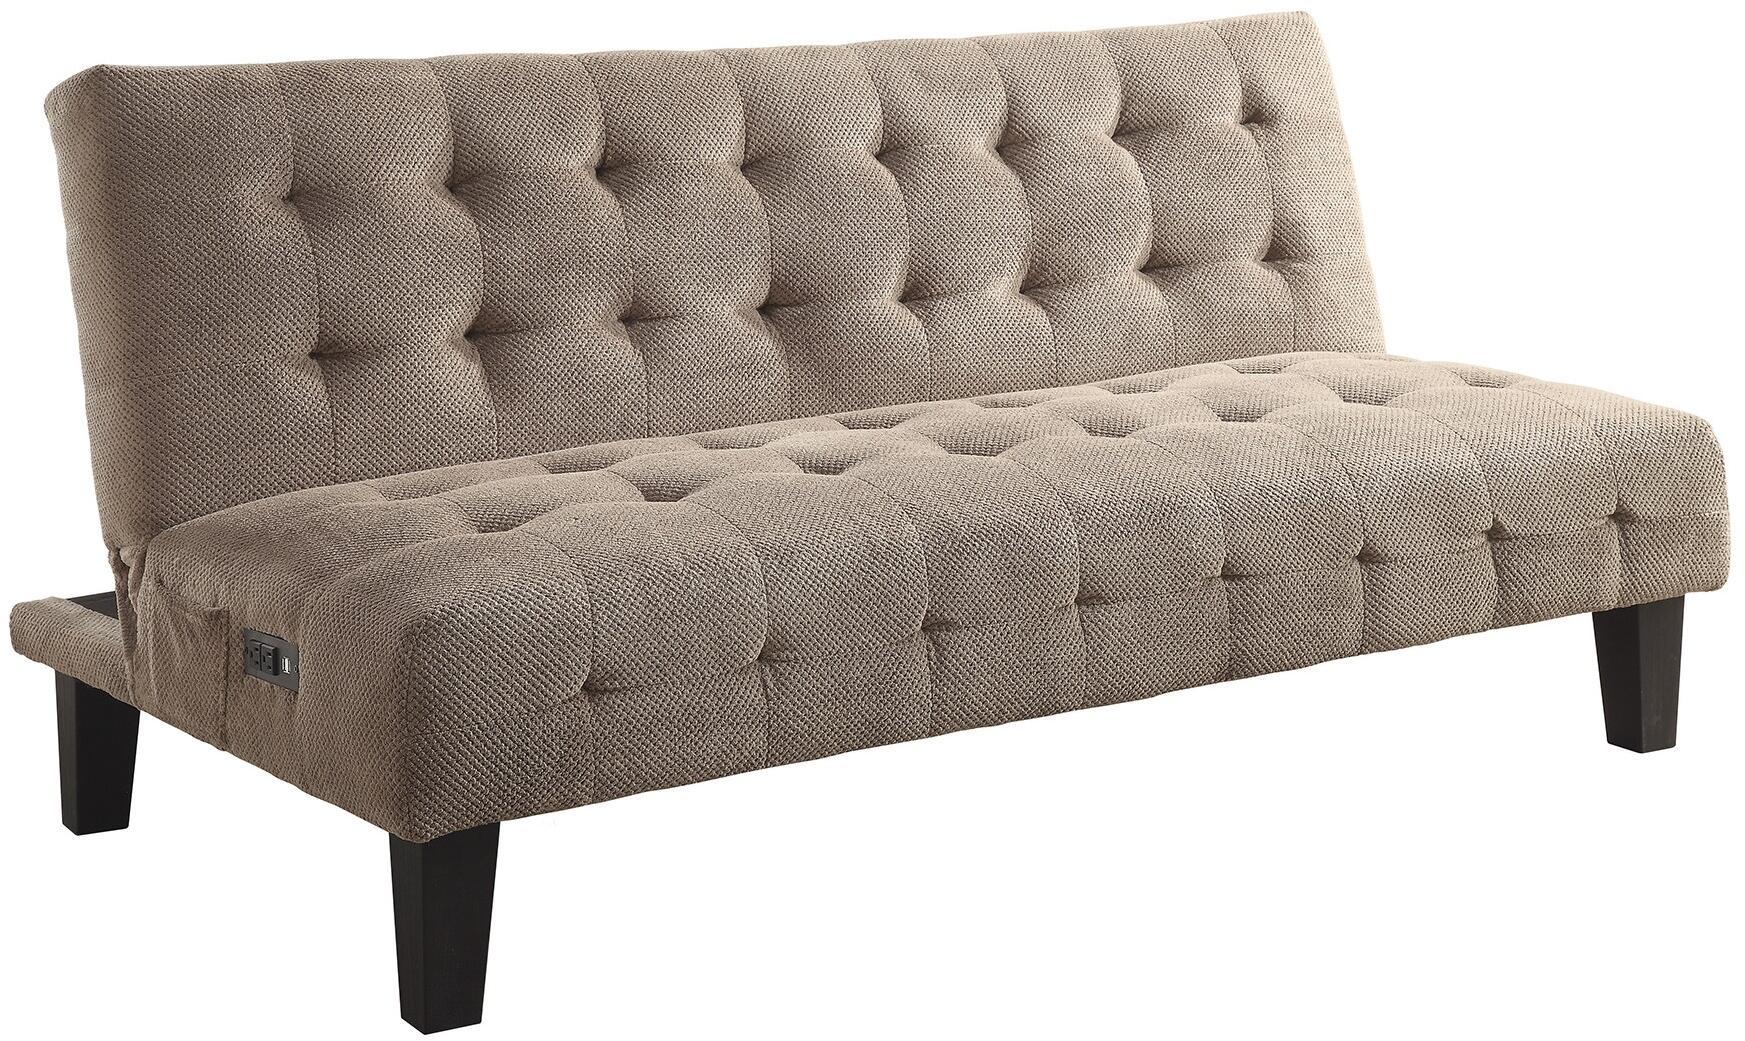 Coaster Sofa Beds And Futons 500295 71